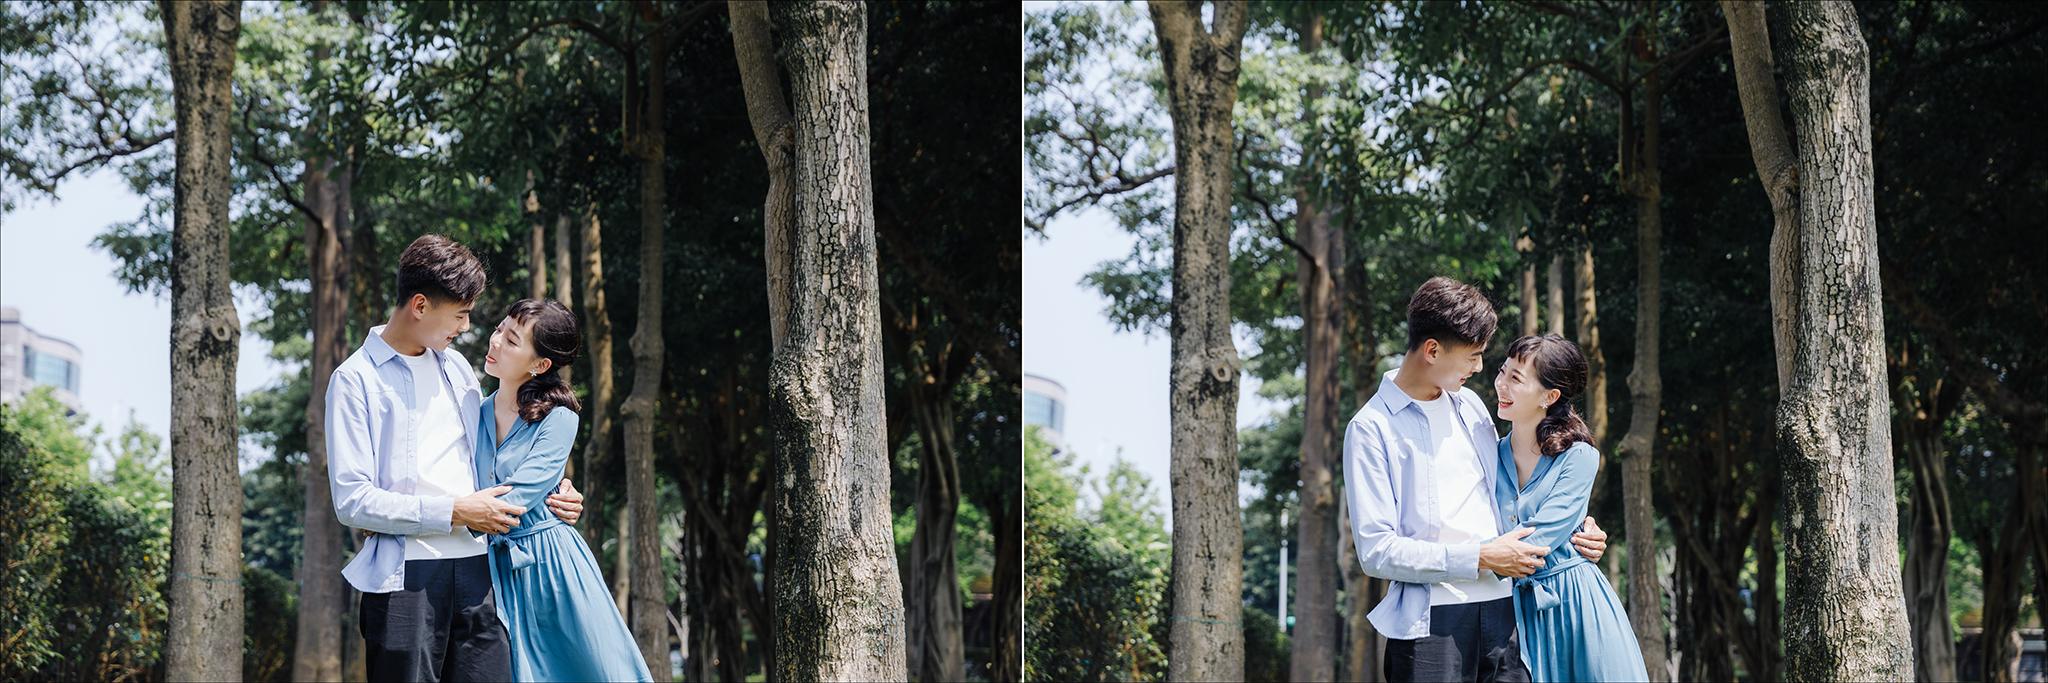 49817508593 7dd1e10719 o - 【自助婚紗】+允宥&珮嘉+